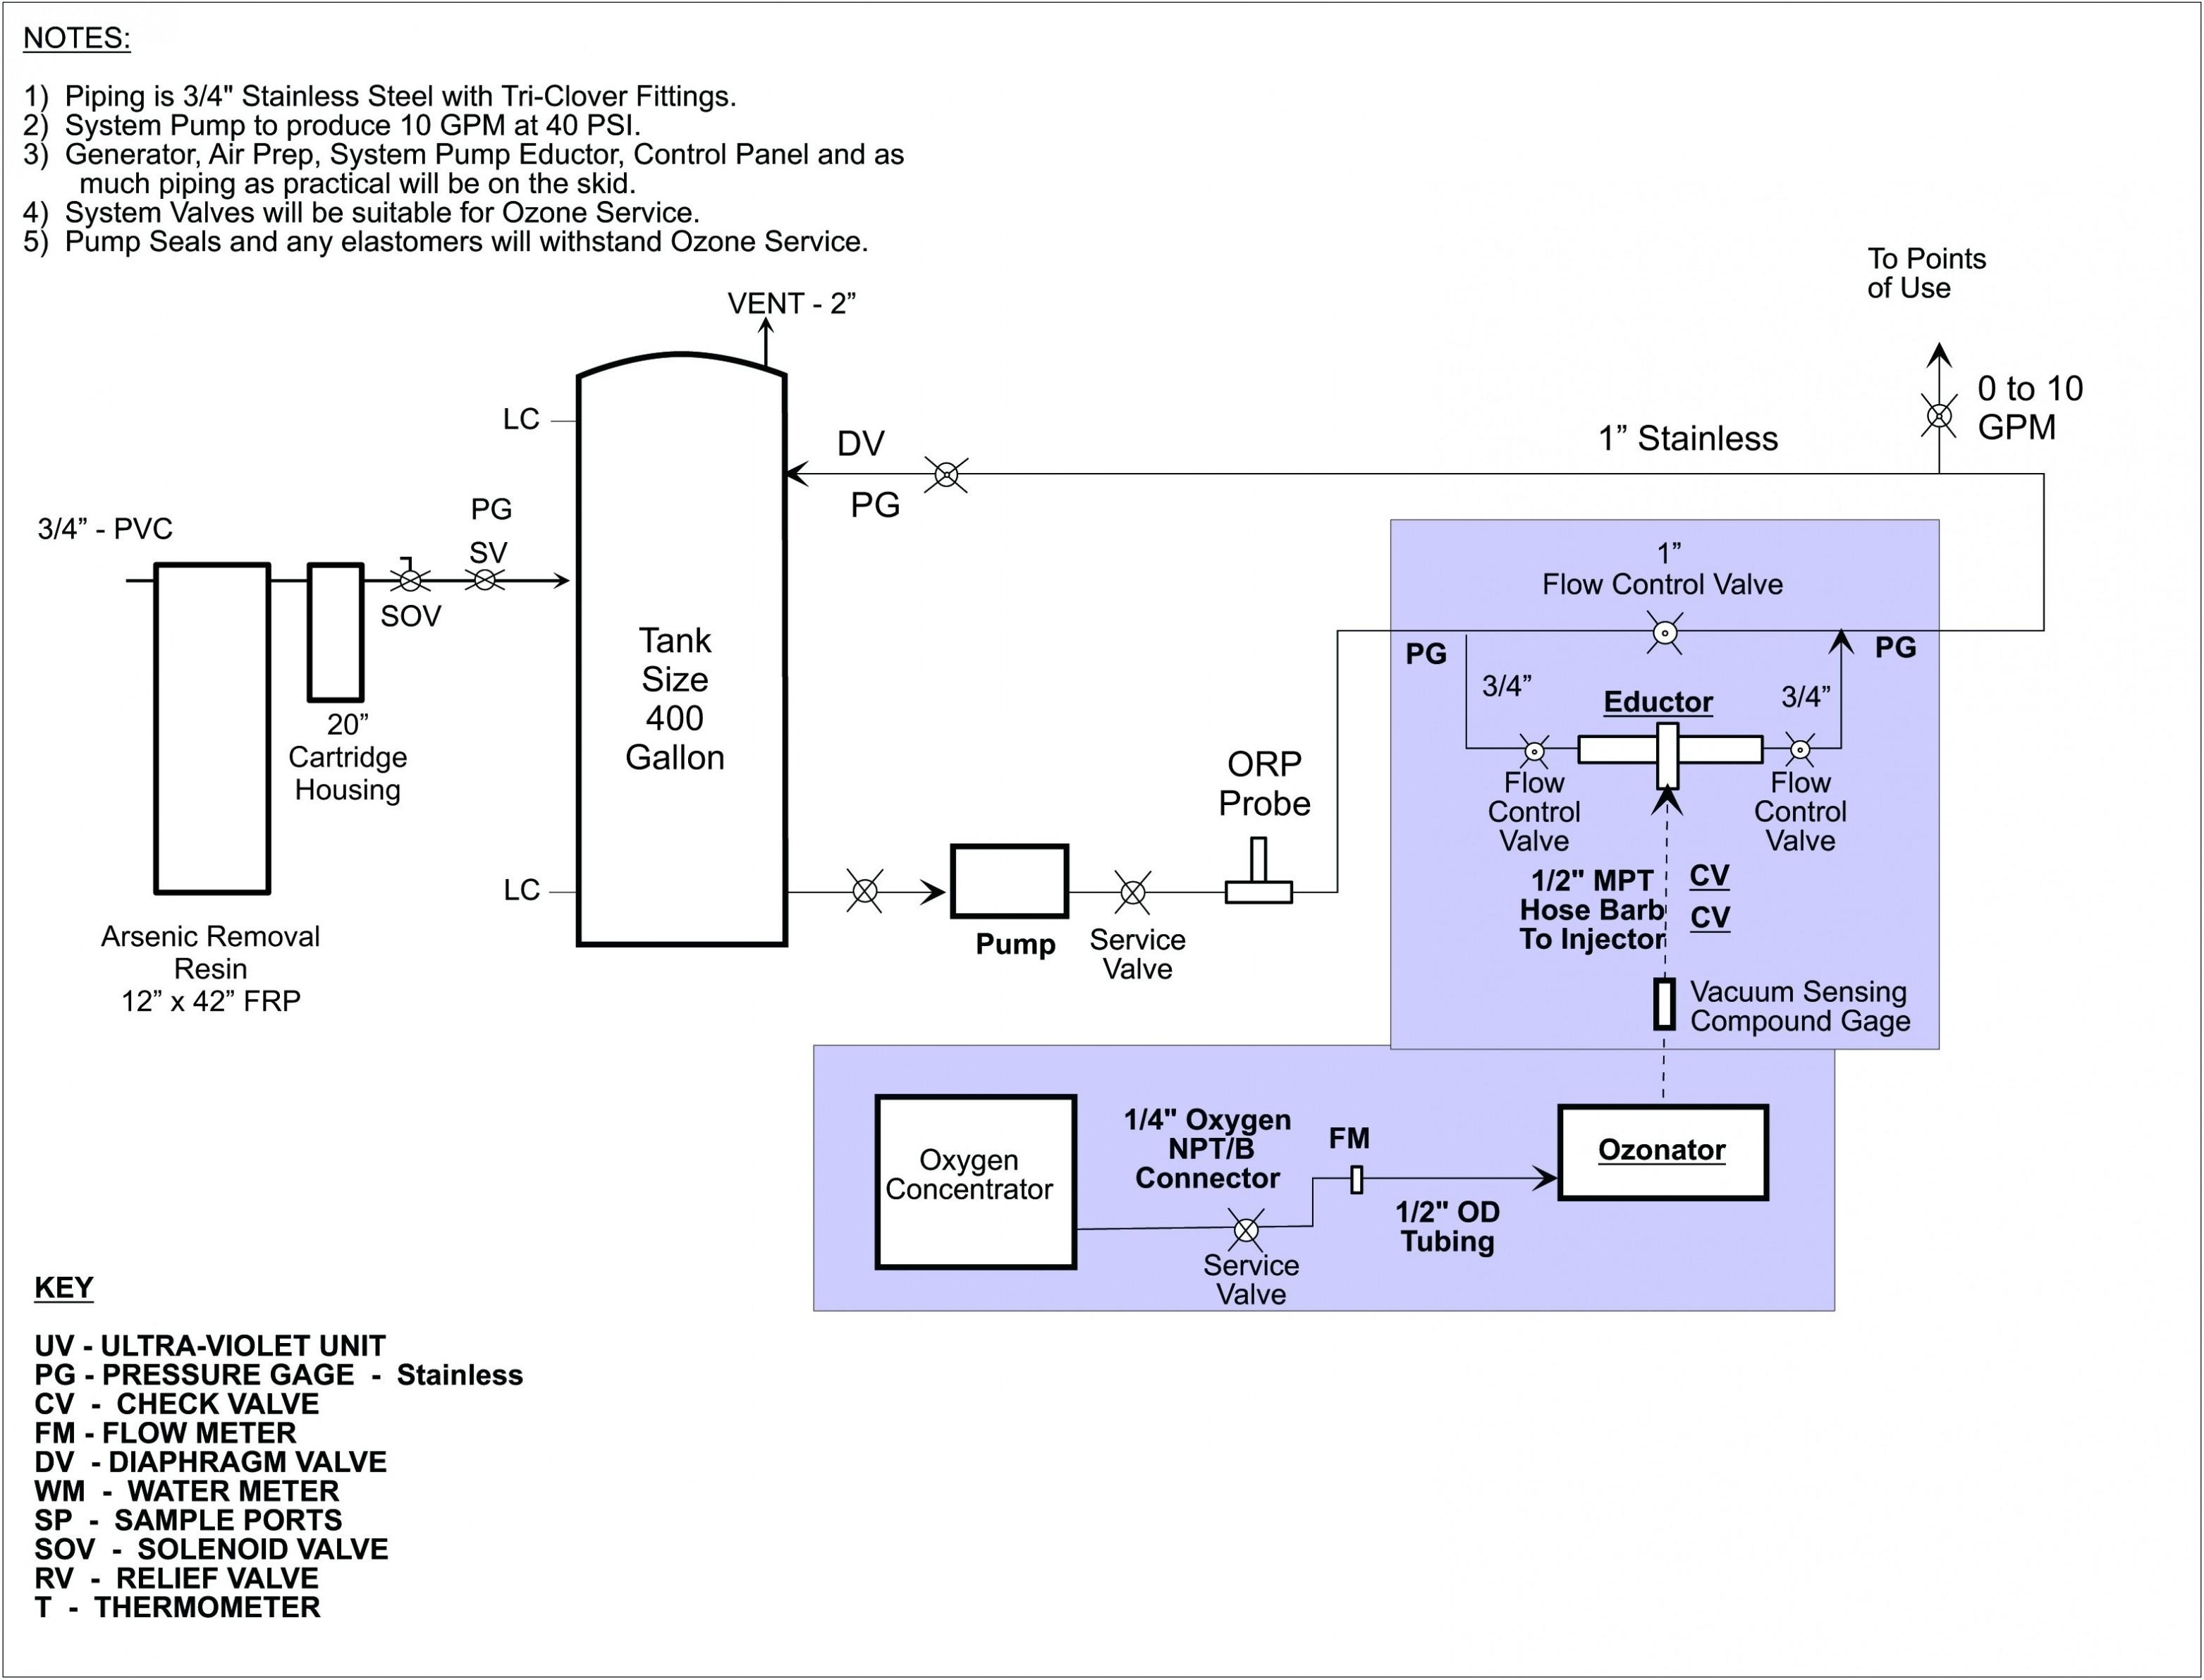 7 Way Trailer Plug Wiring Diagram Seven Way Trailer Plug Diagram Best Ez Loader Trailer Brakes Of 7 Way Trailer Plug Wiring Diagram